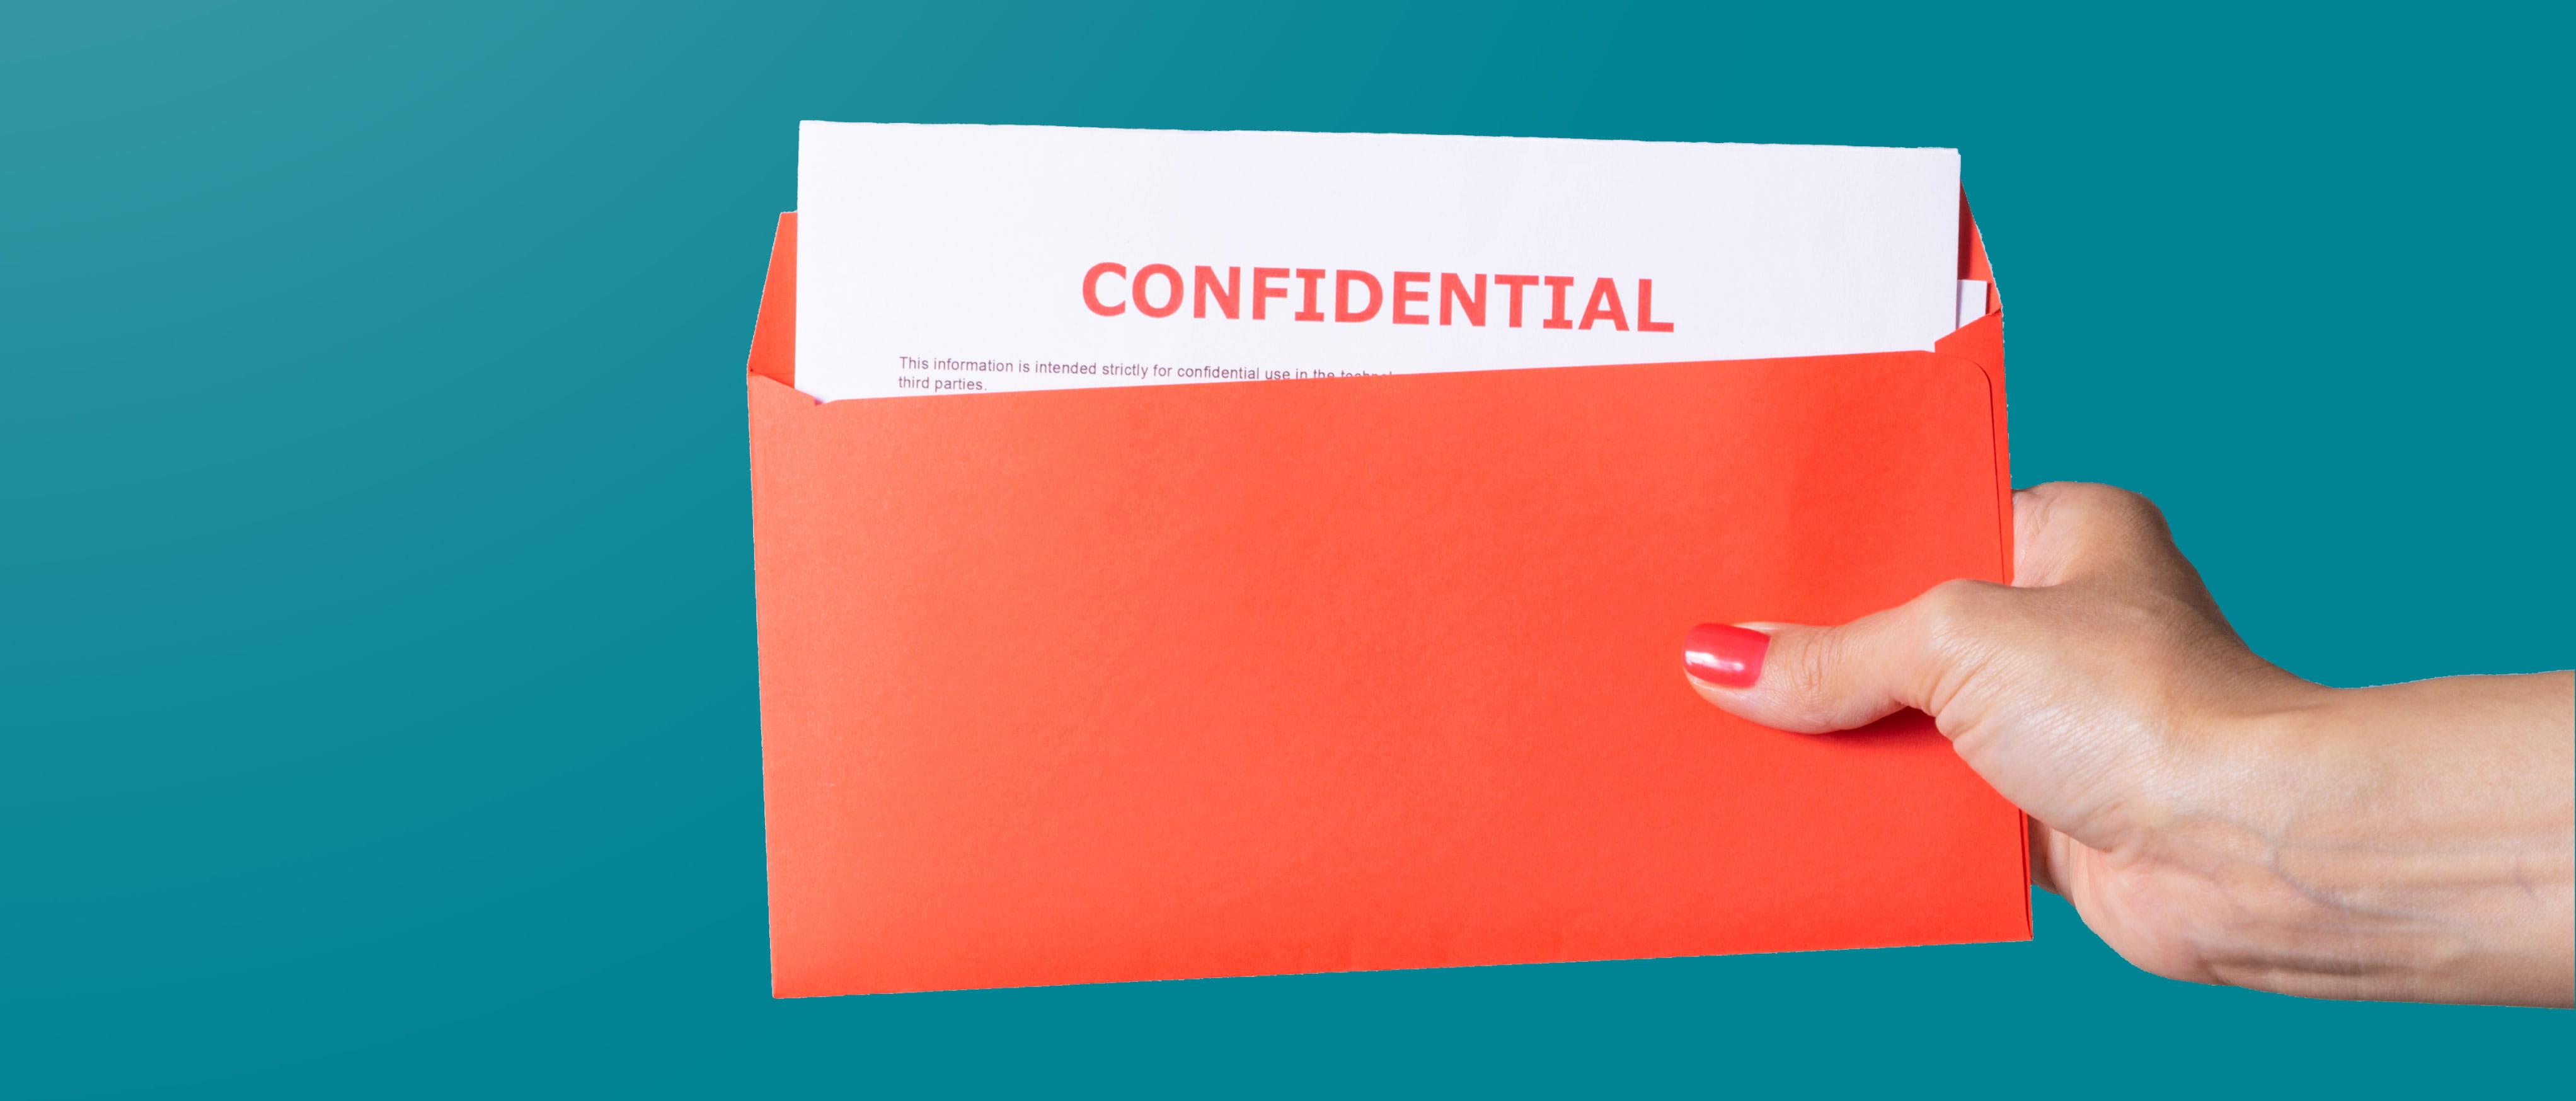 Hand hält einen roten Briefumschlag aus dem ein weißer Brief mit roter Aufschrift Confidential herausragt.